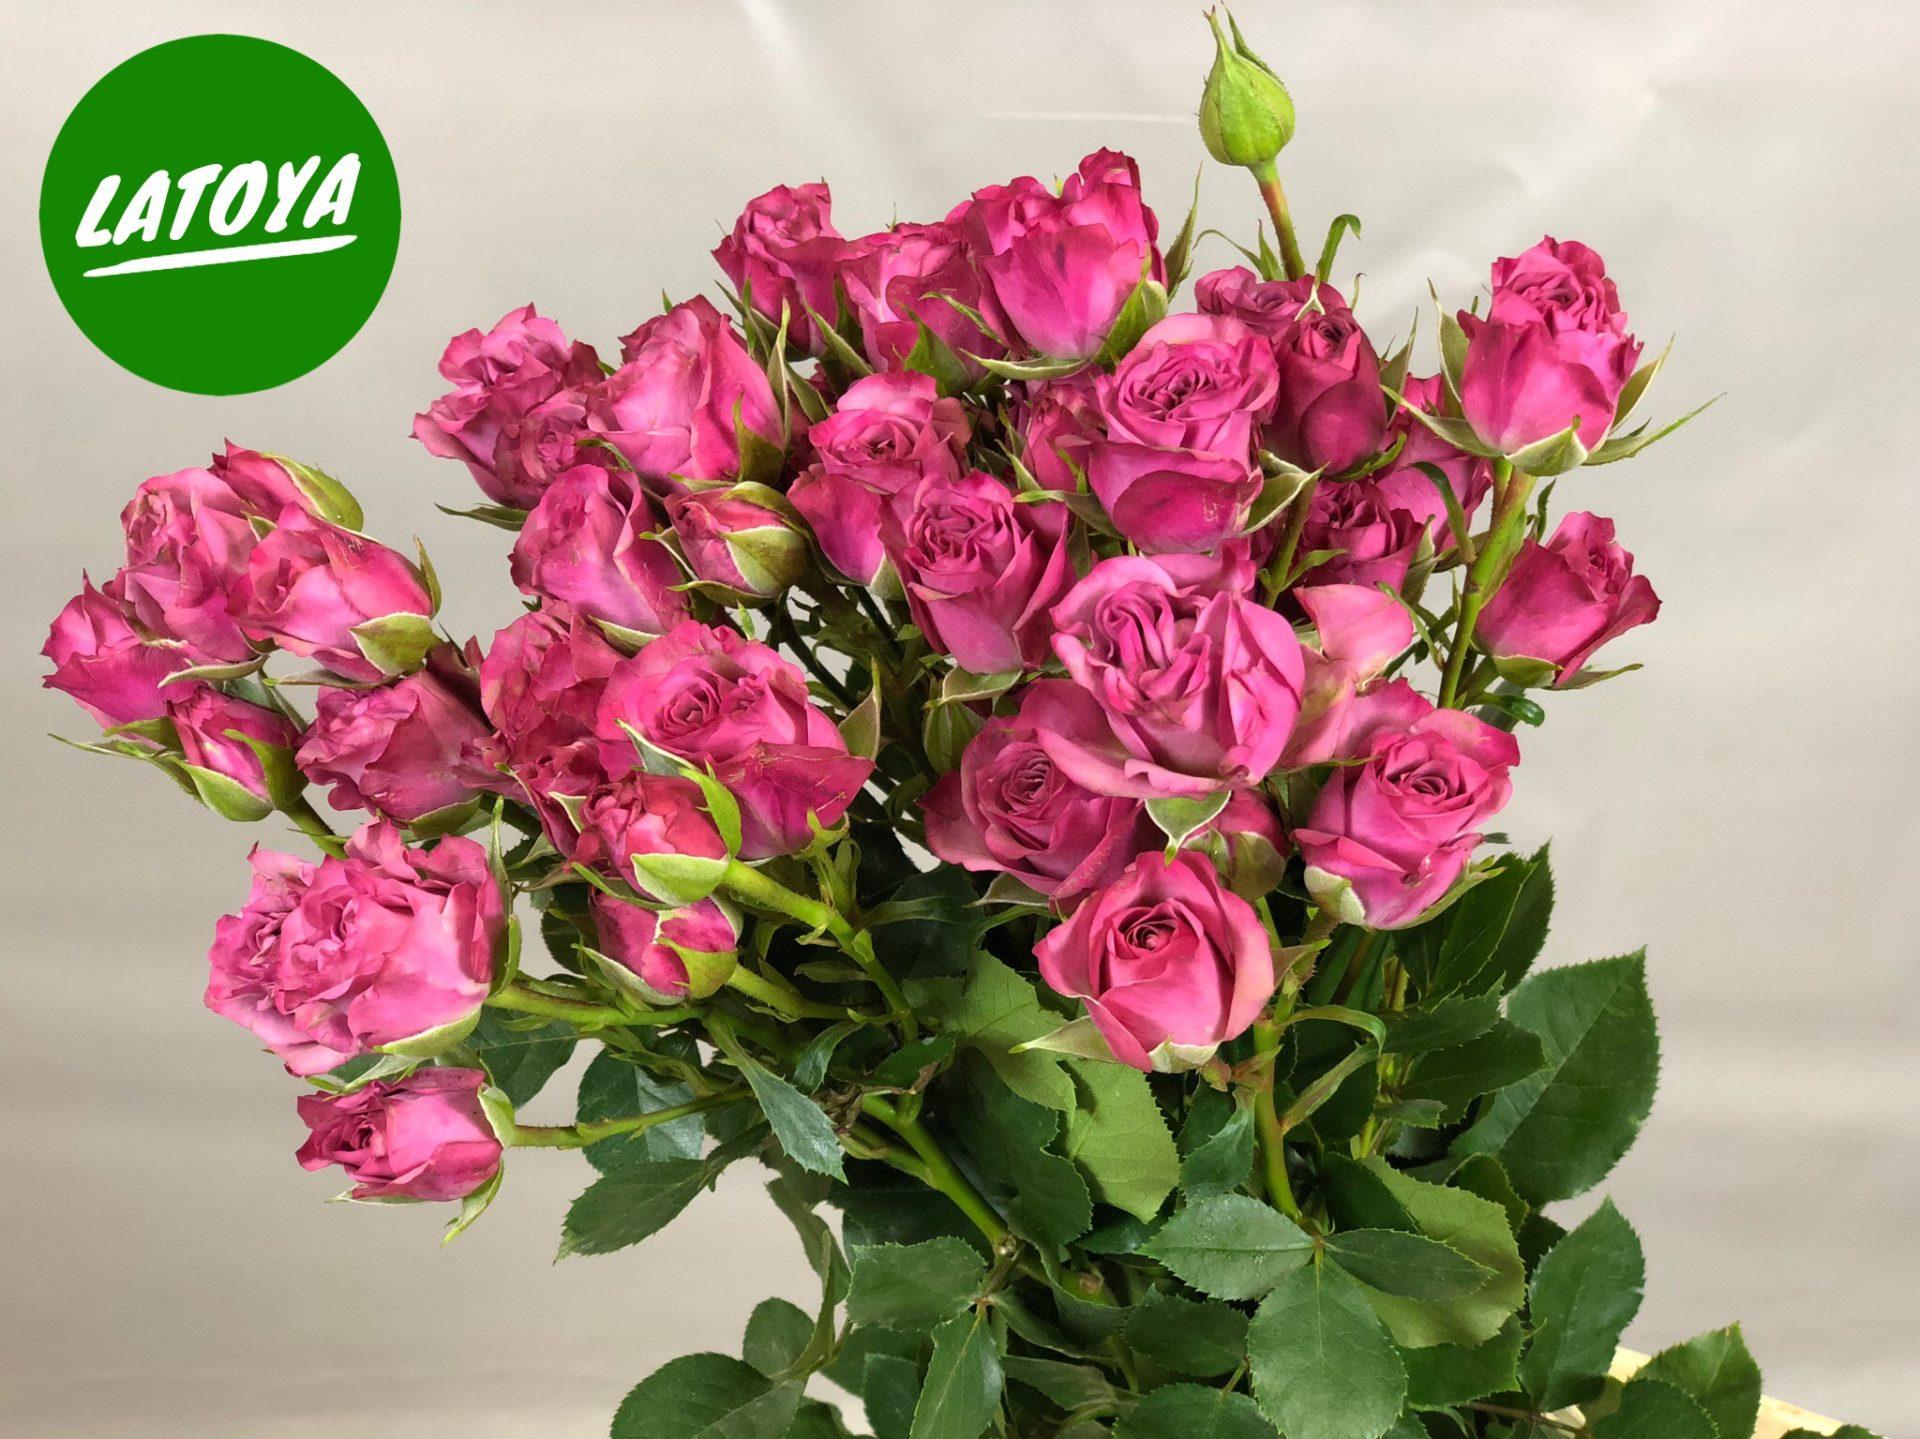 Роза Латойя изображение 1